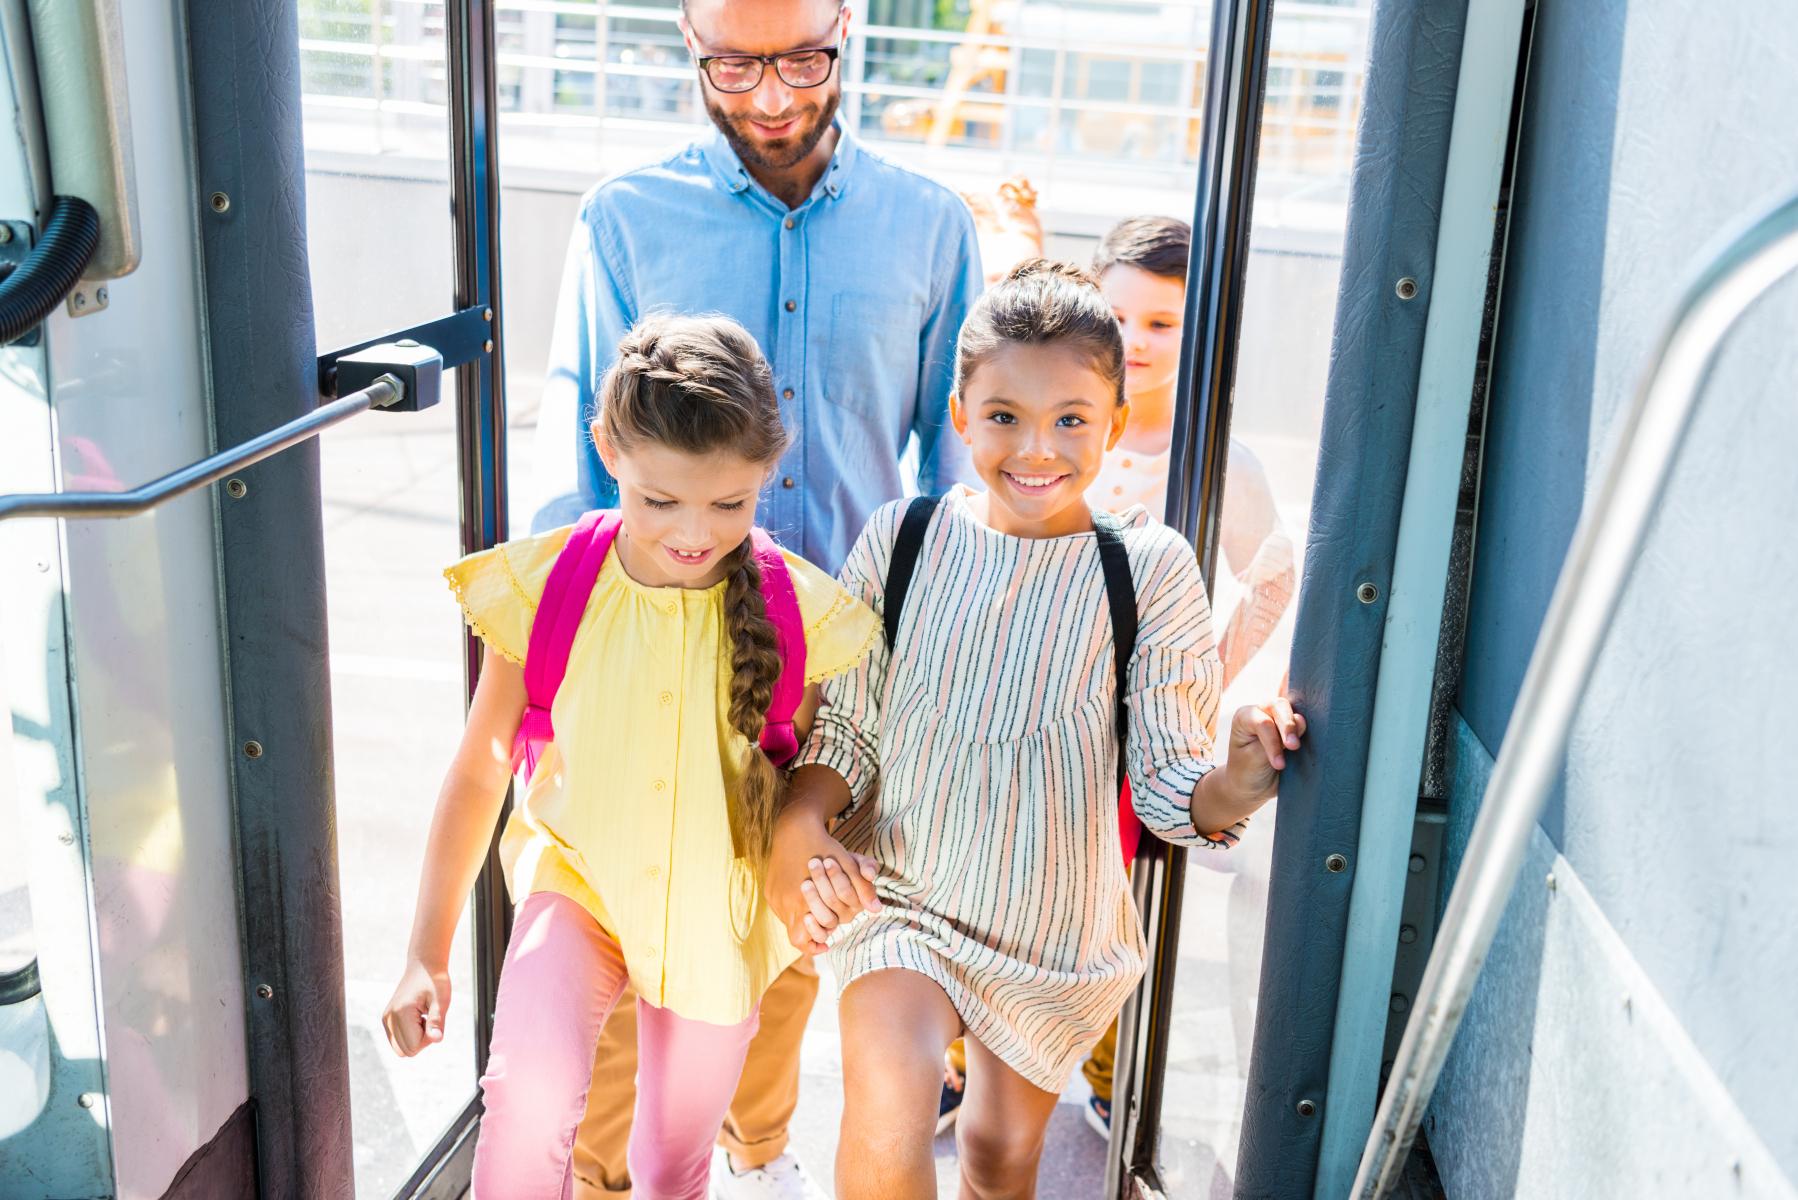 Elever som går på skolebussen